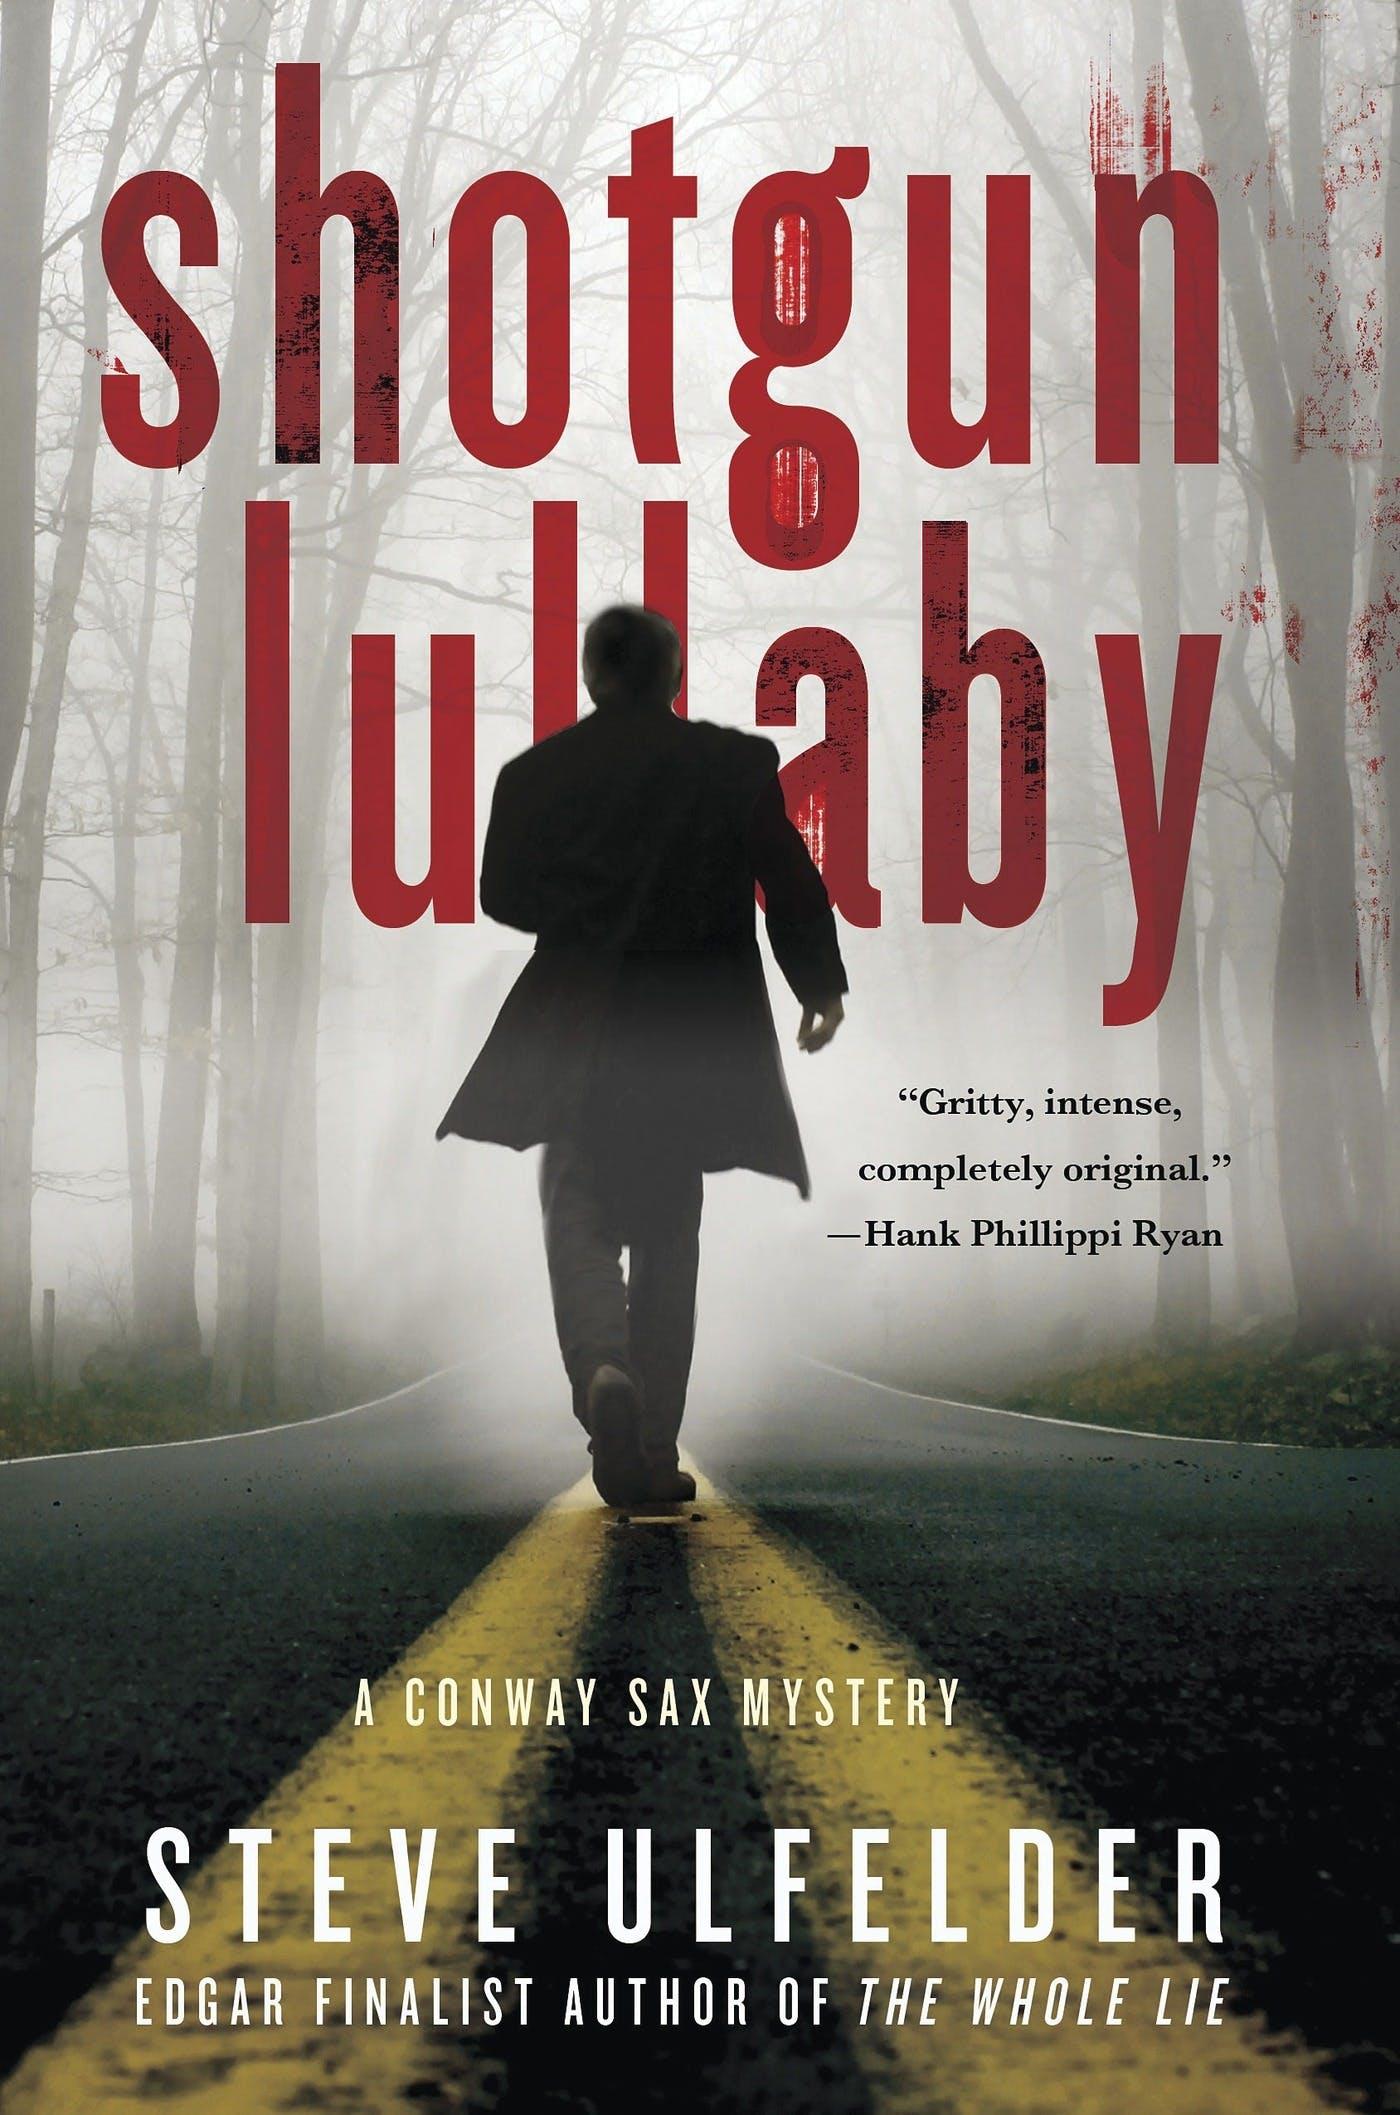 Image of Shotgun Lullaby